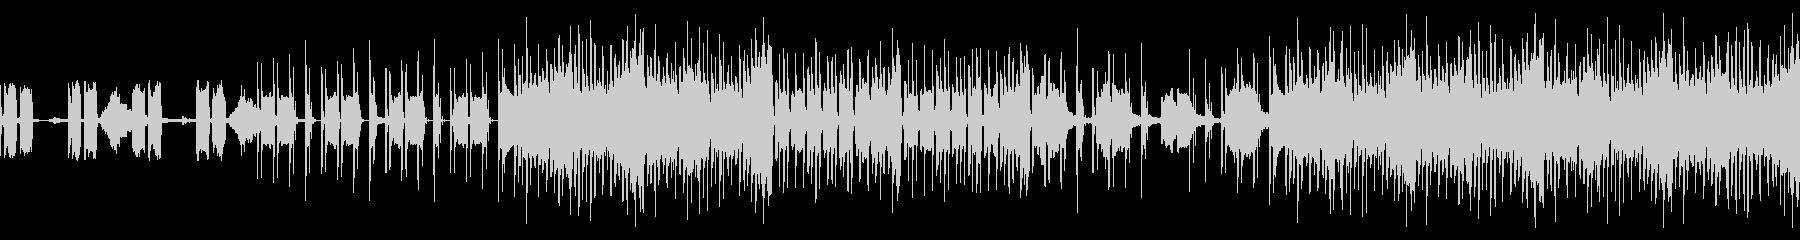 スリリングなテクノBGMの未再生の波形